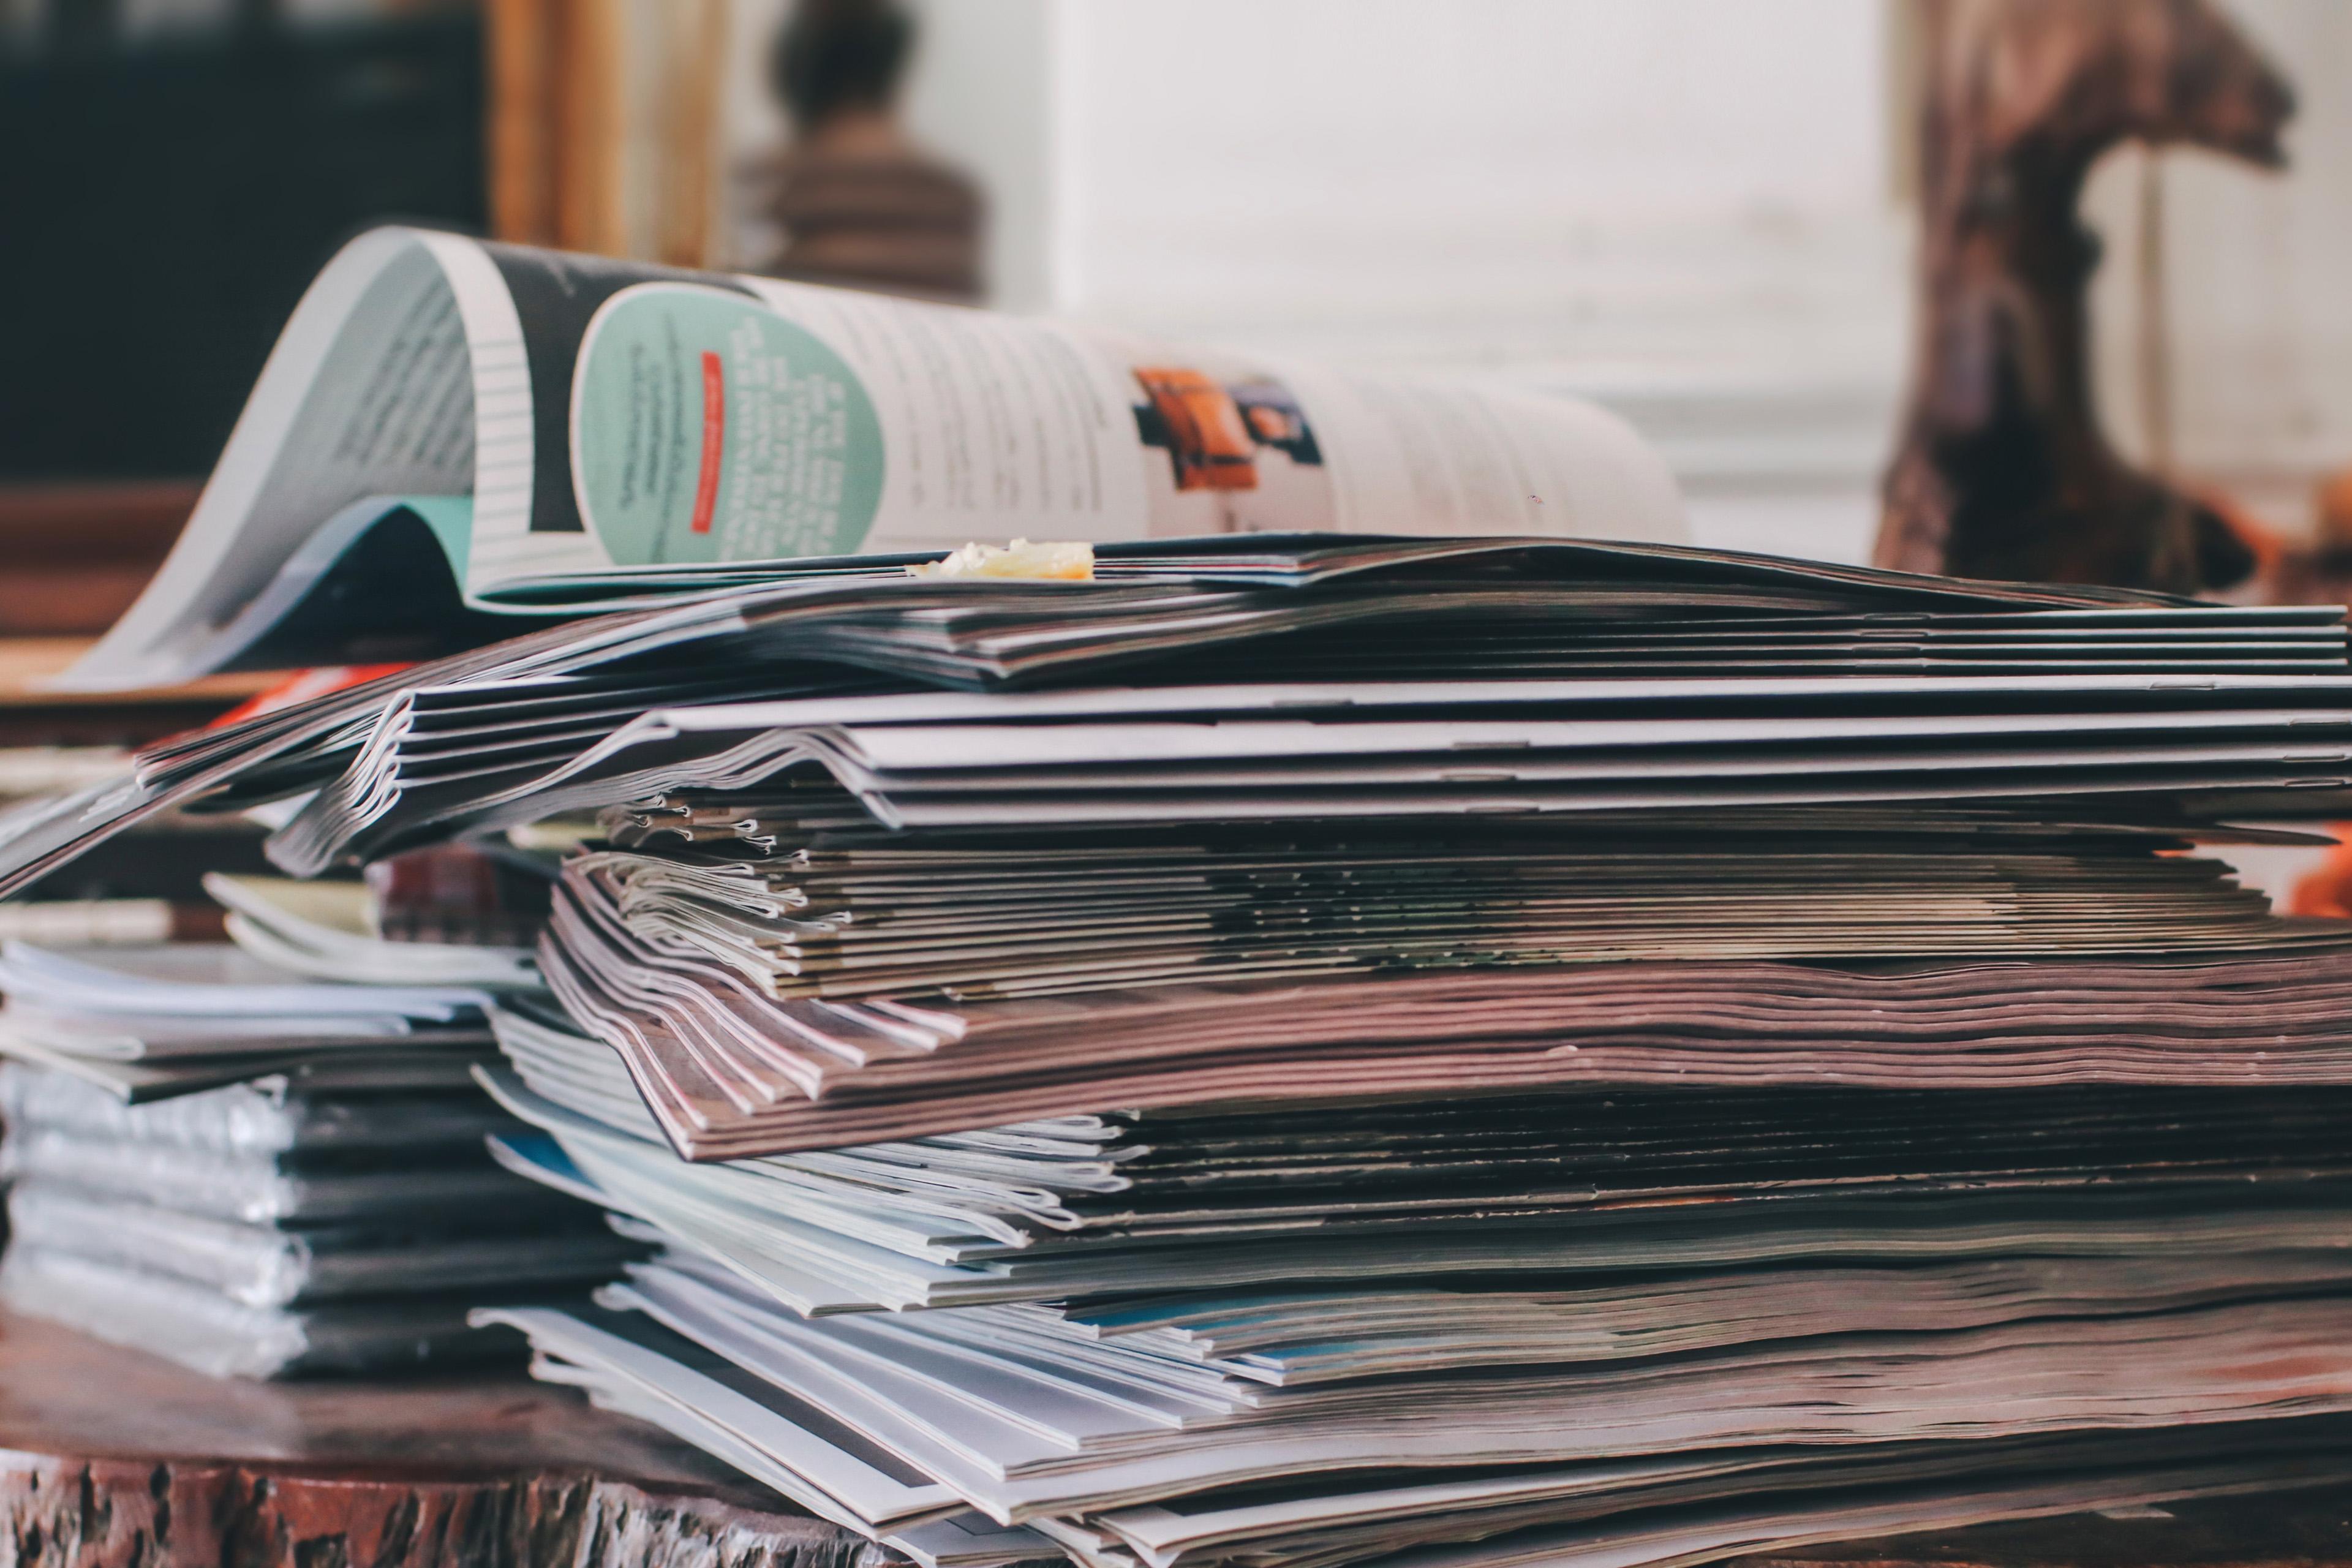 Ein Stapel von Zeitschriften